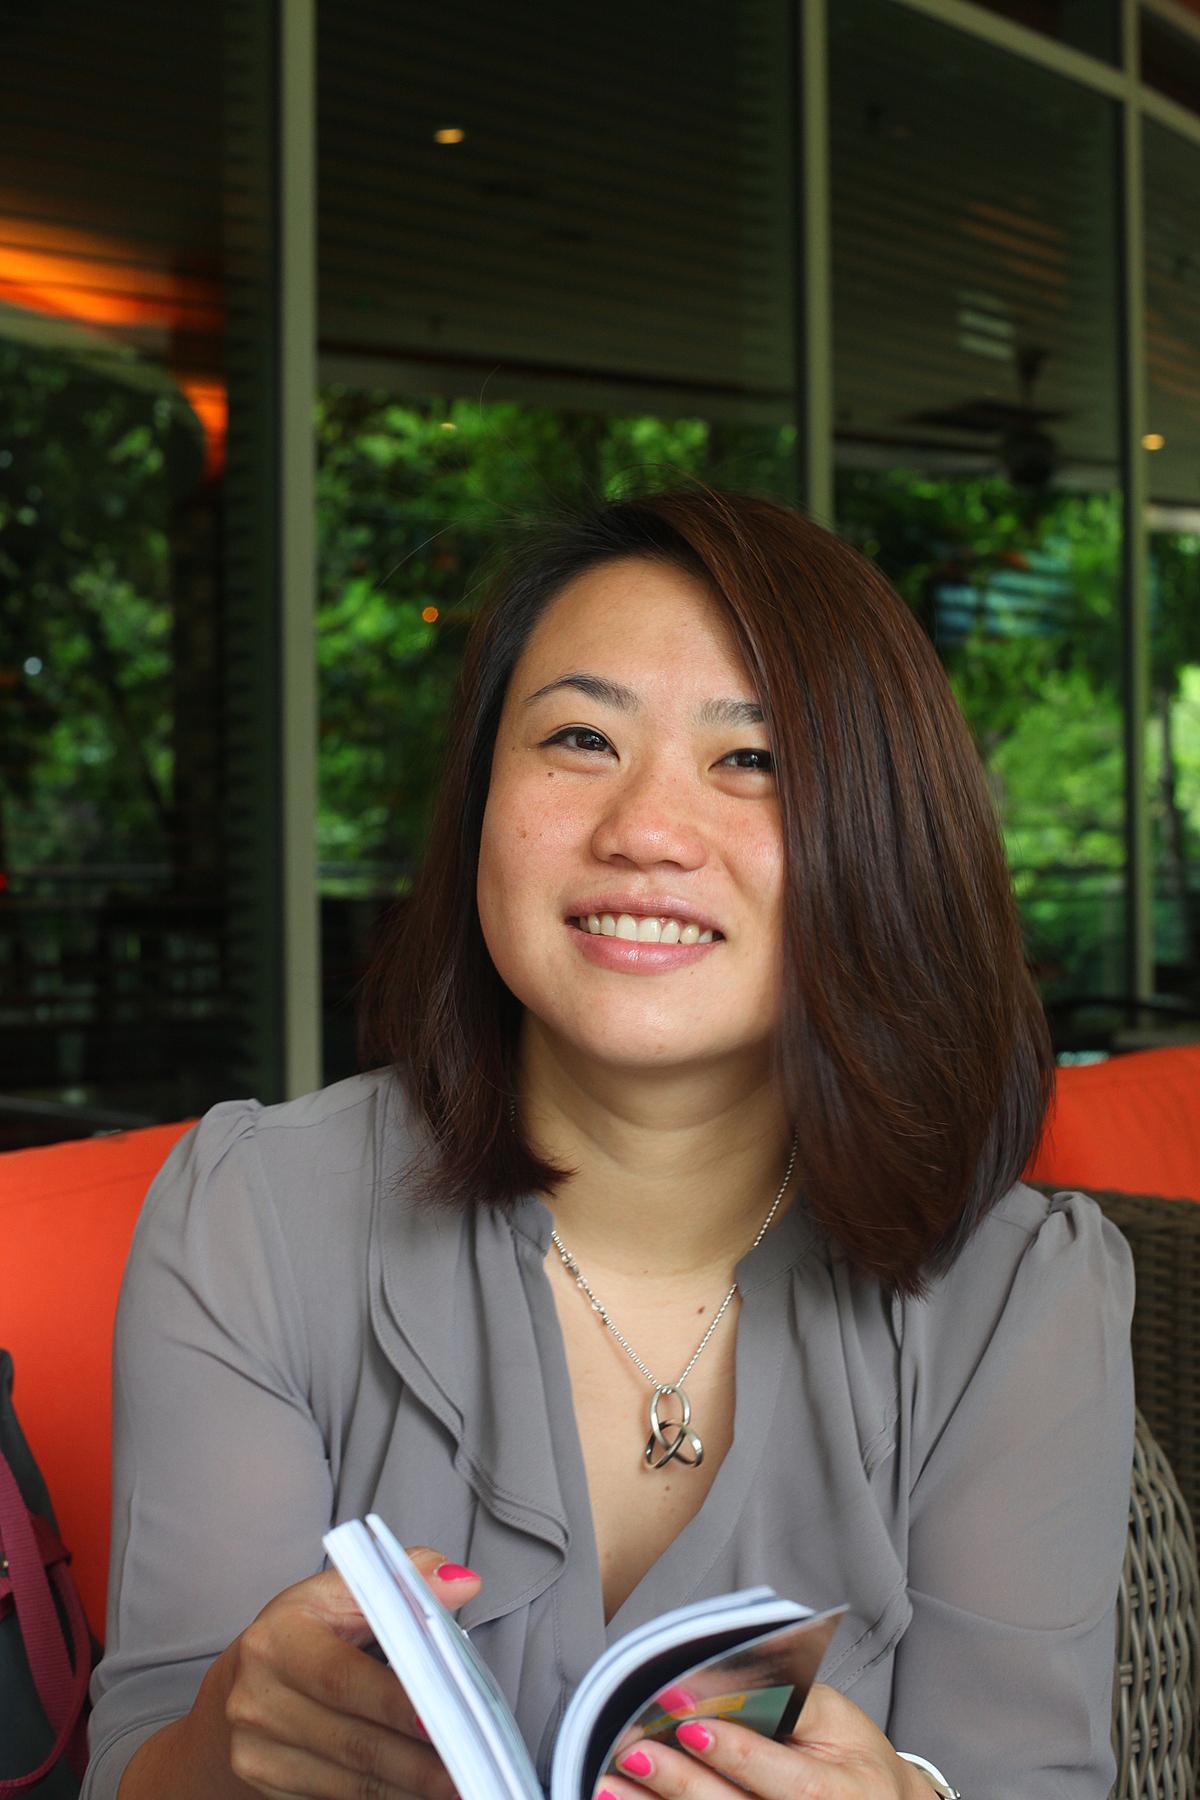 Bà Cheryl Goh, Phó chủ tịch phụ trách Marketing của Grab. Ảnh: Grab.